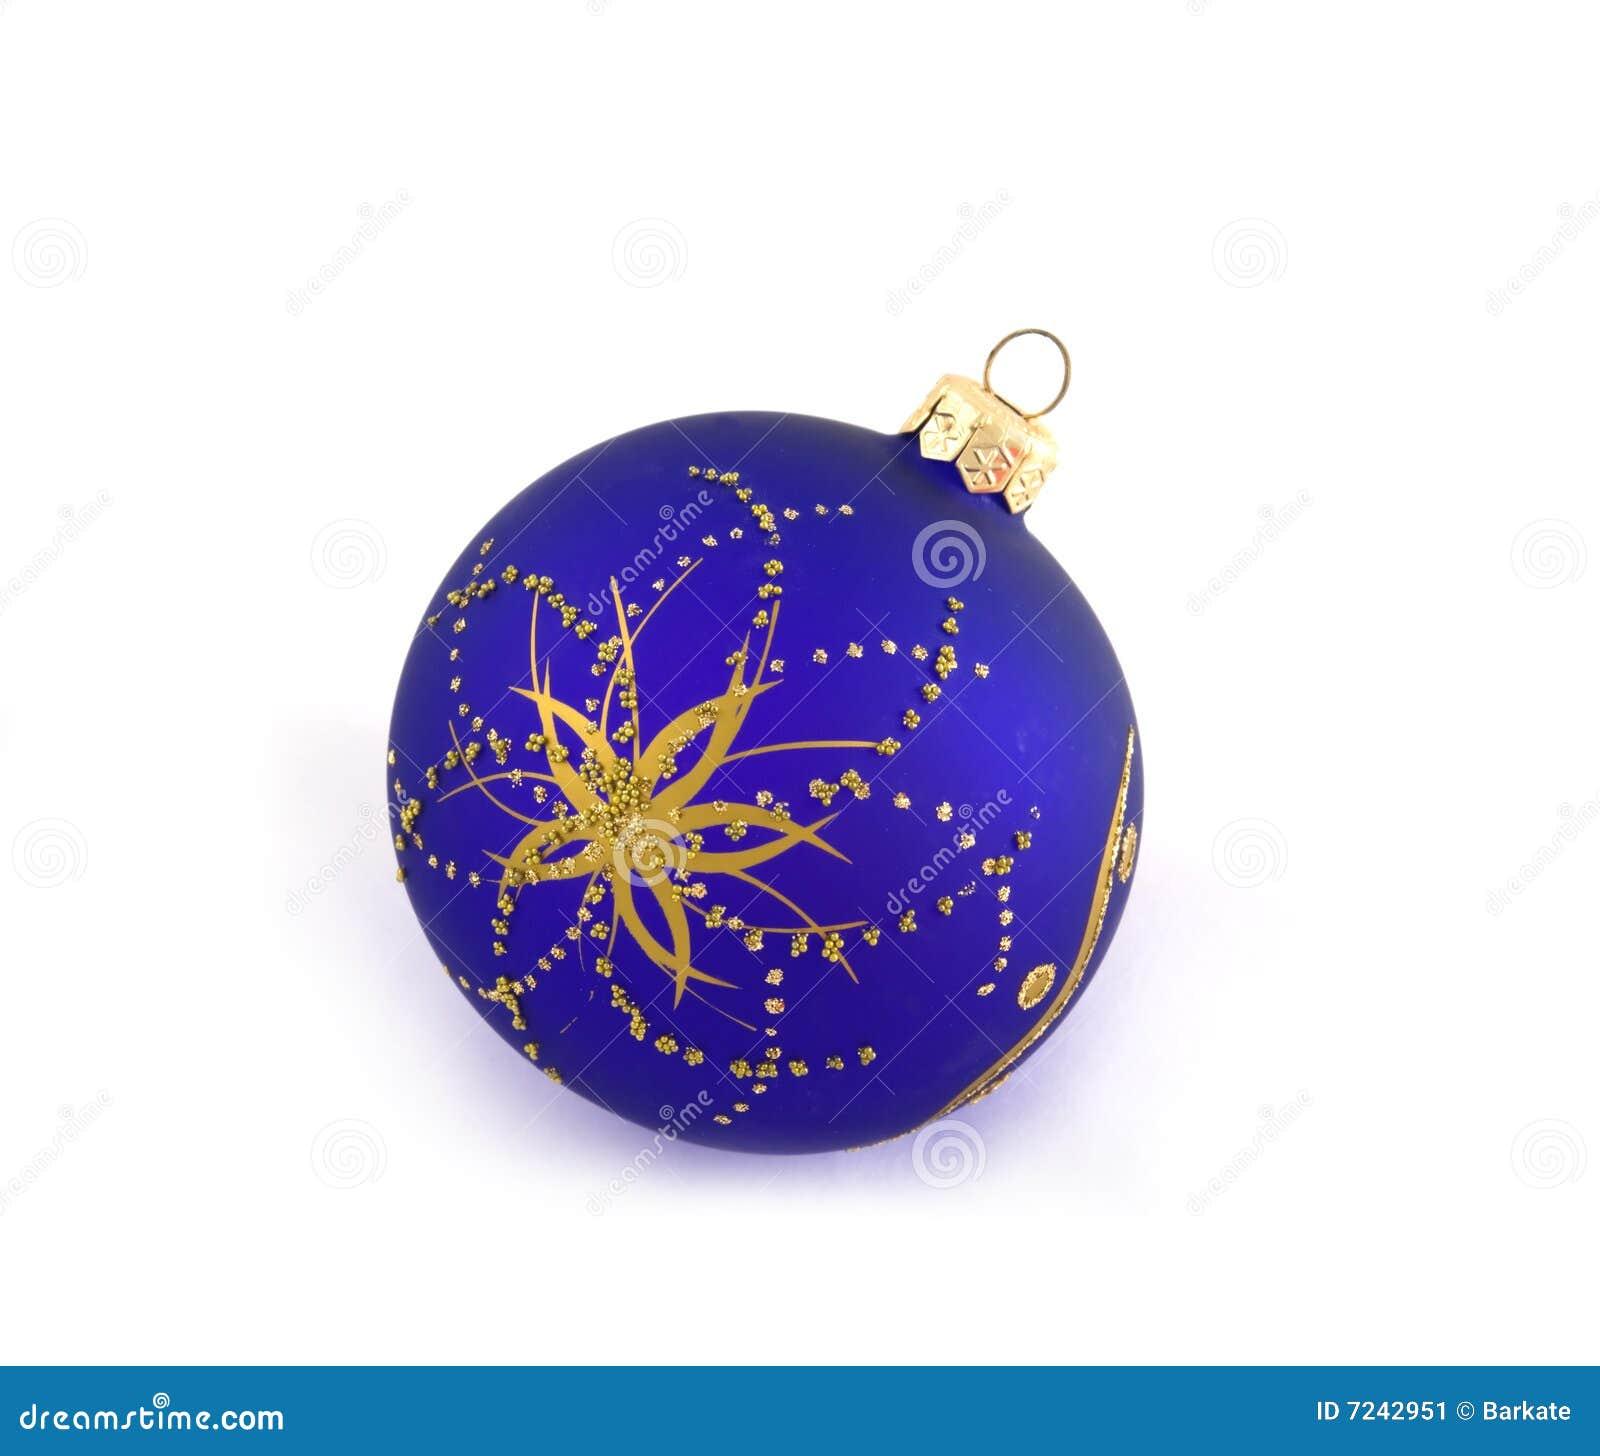 Kerstmis boom decoratie stock afbeelding afbeelding 7242951 - Decoratie afbeelding ...